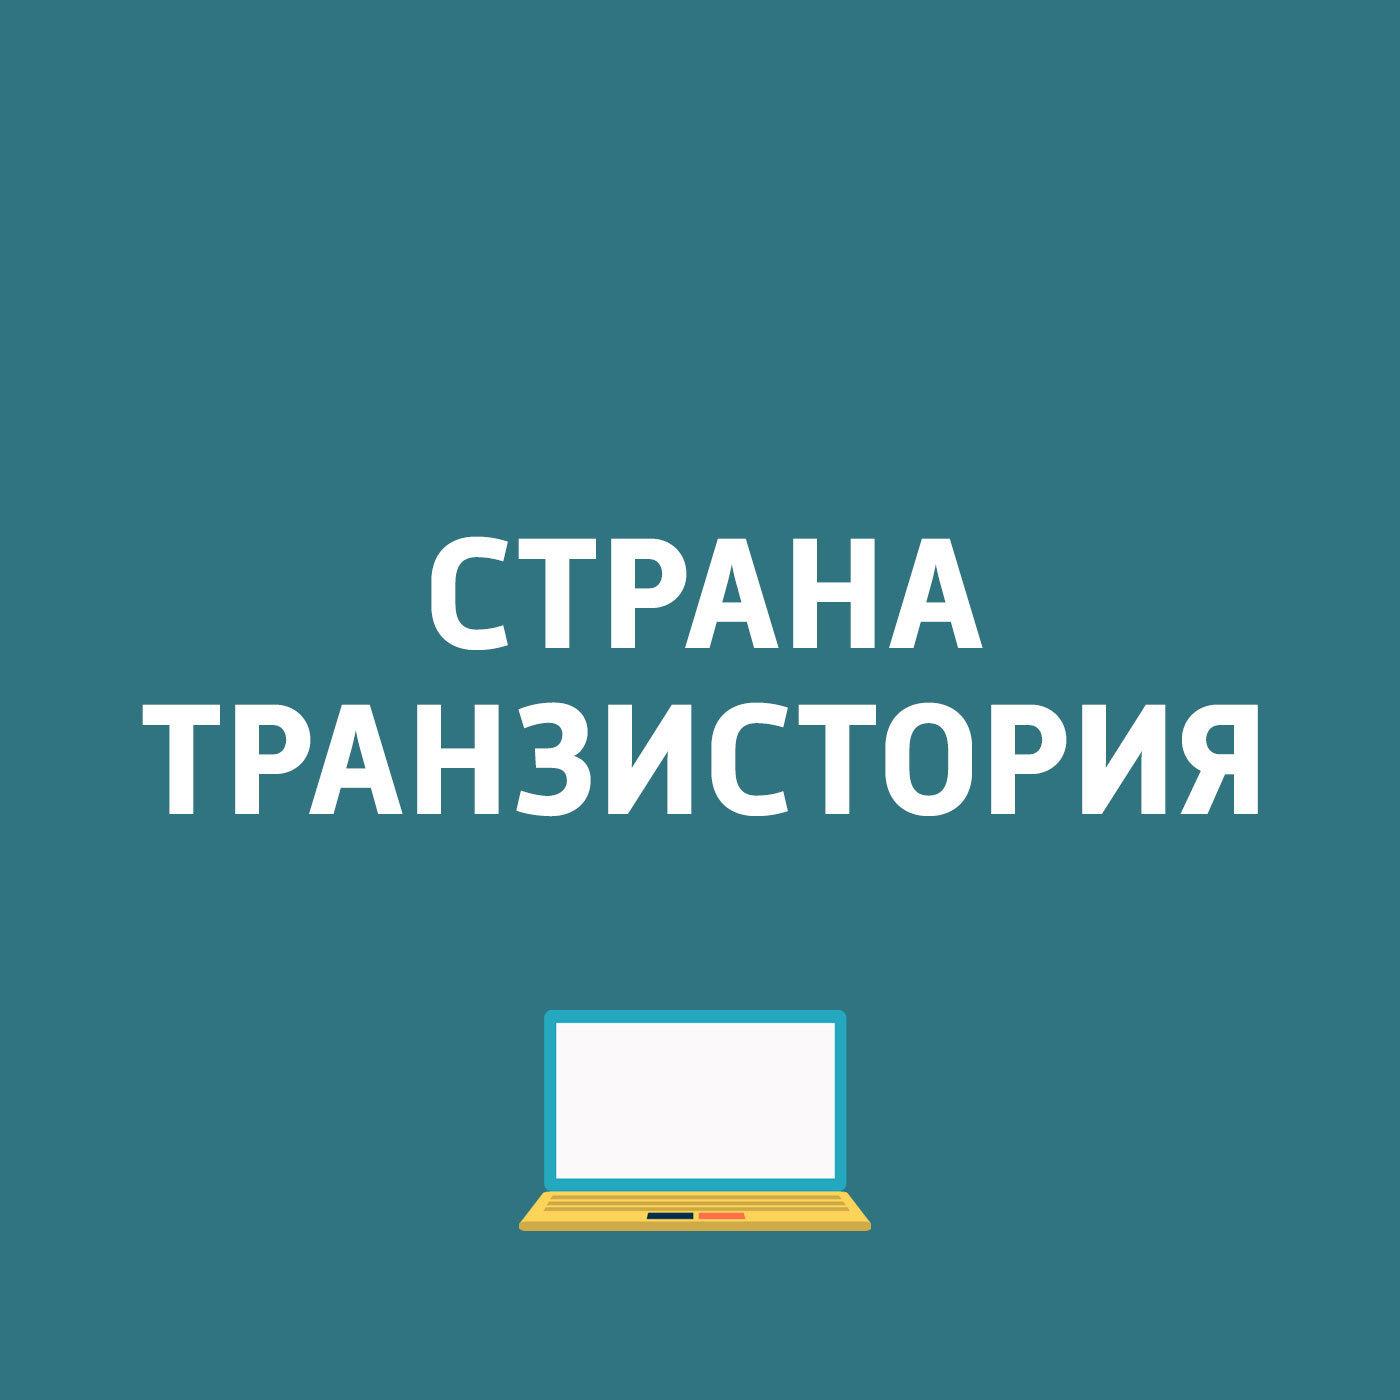 Картаев Павел Samsung, ИИ и Го